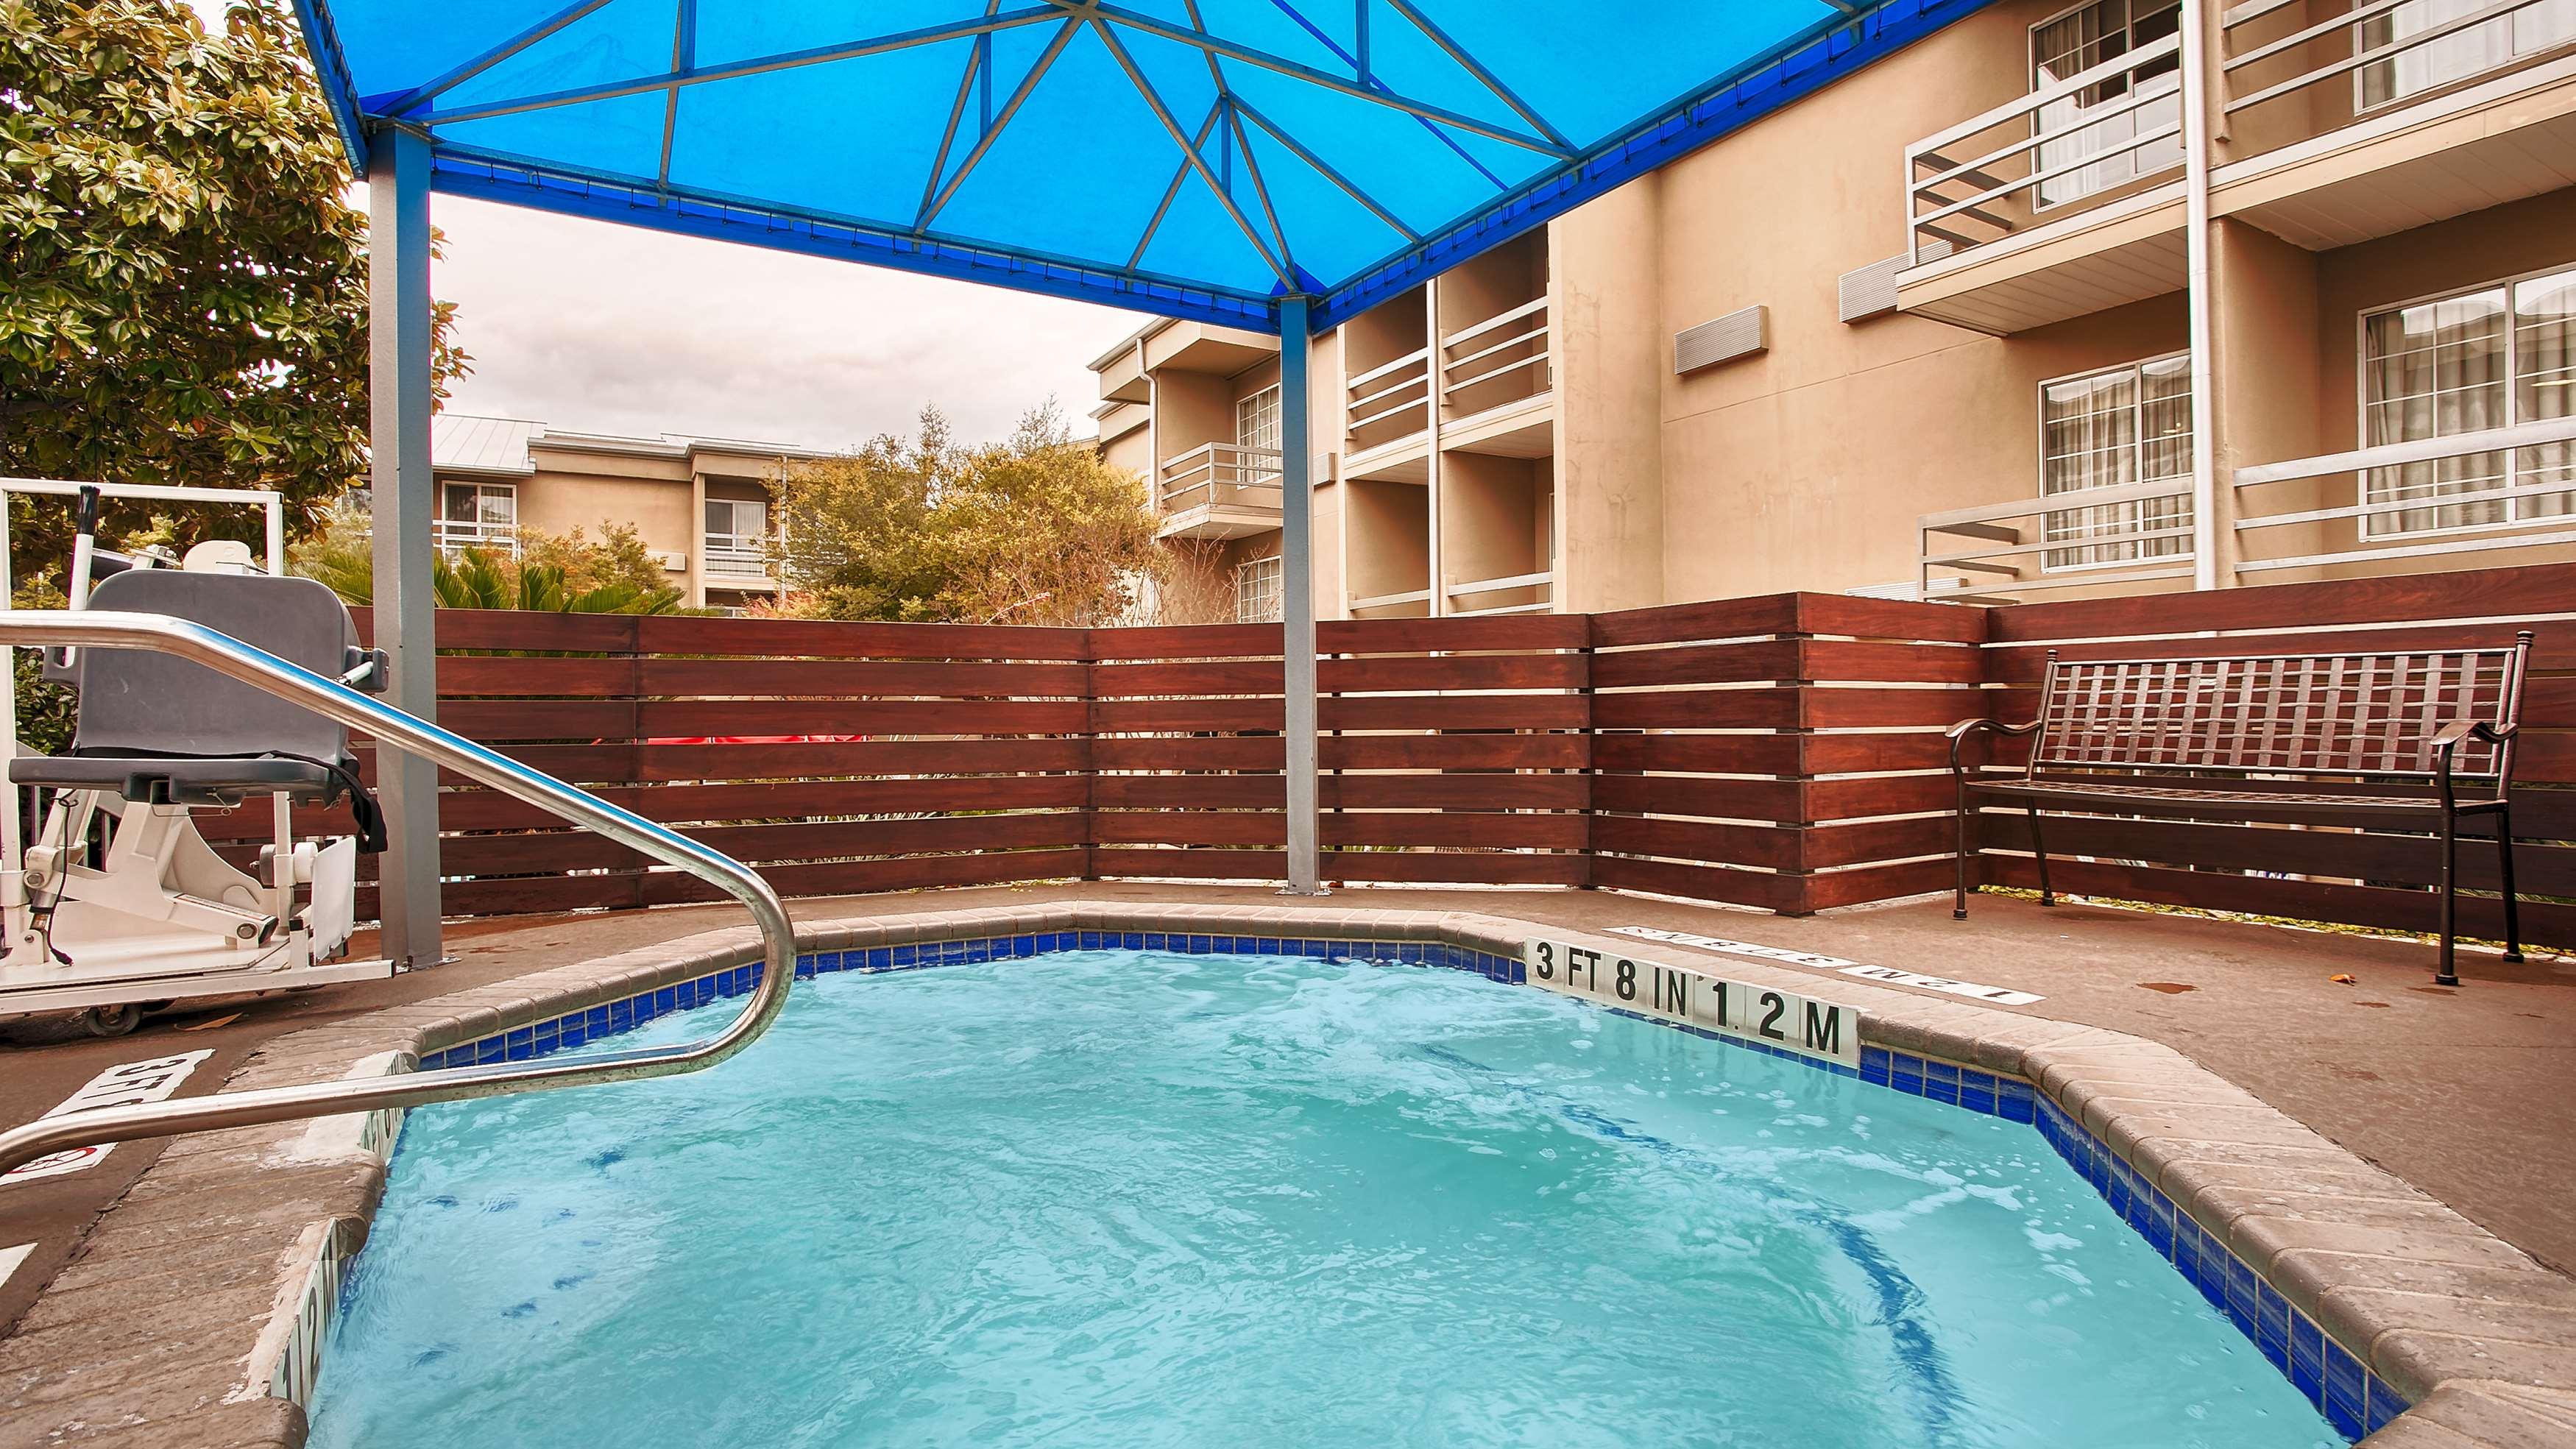 Hot Tub In Hotel Room Austin Tx